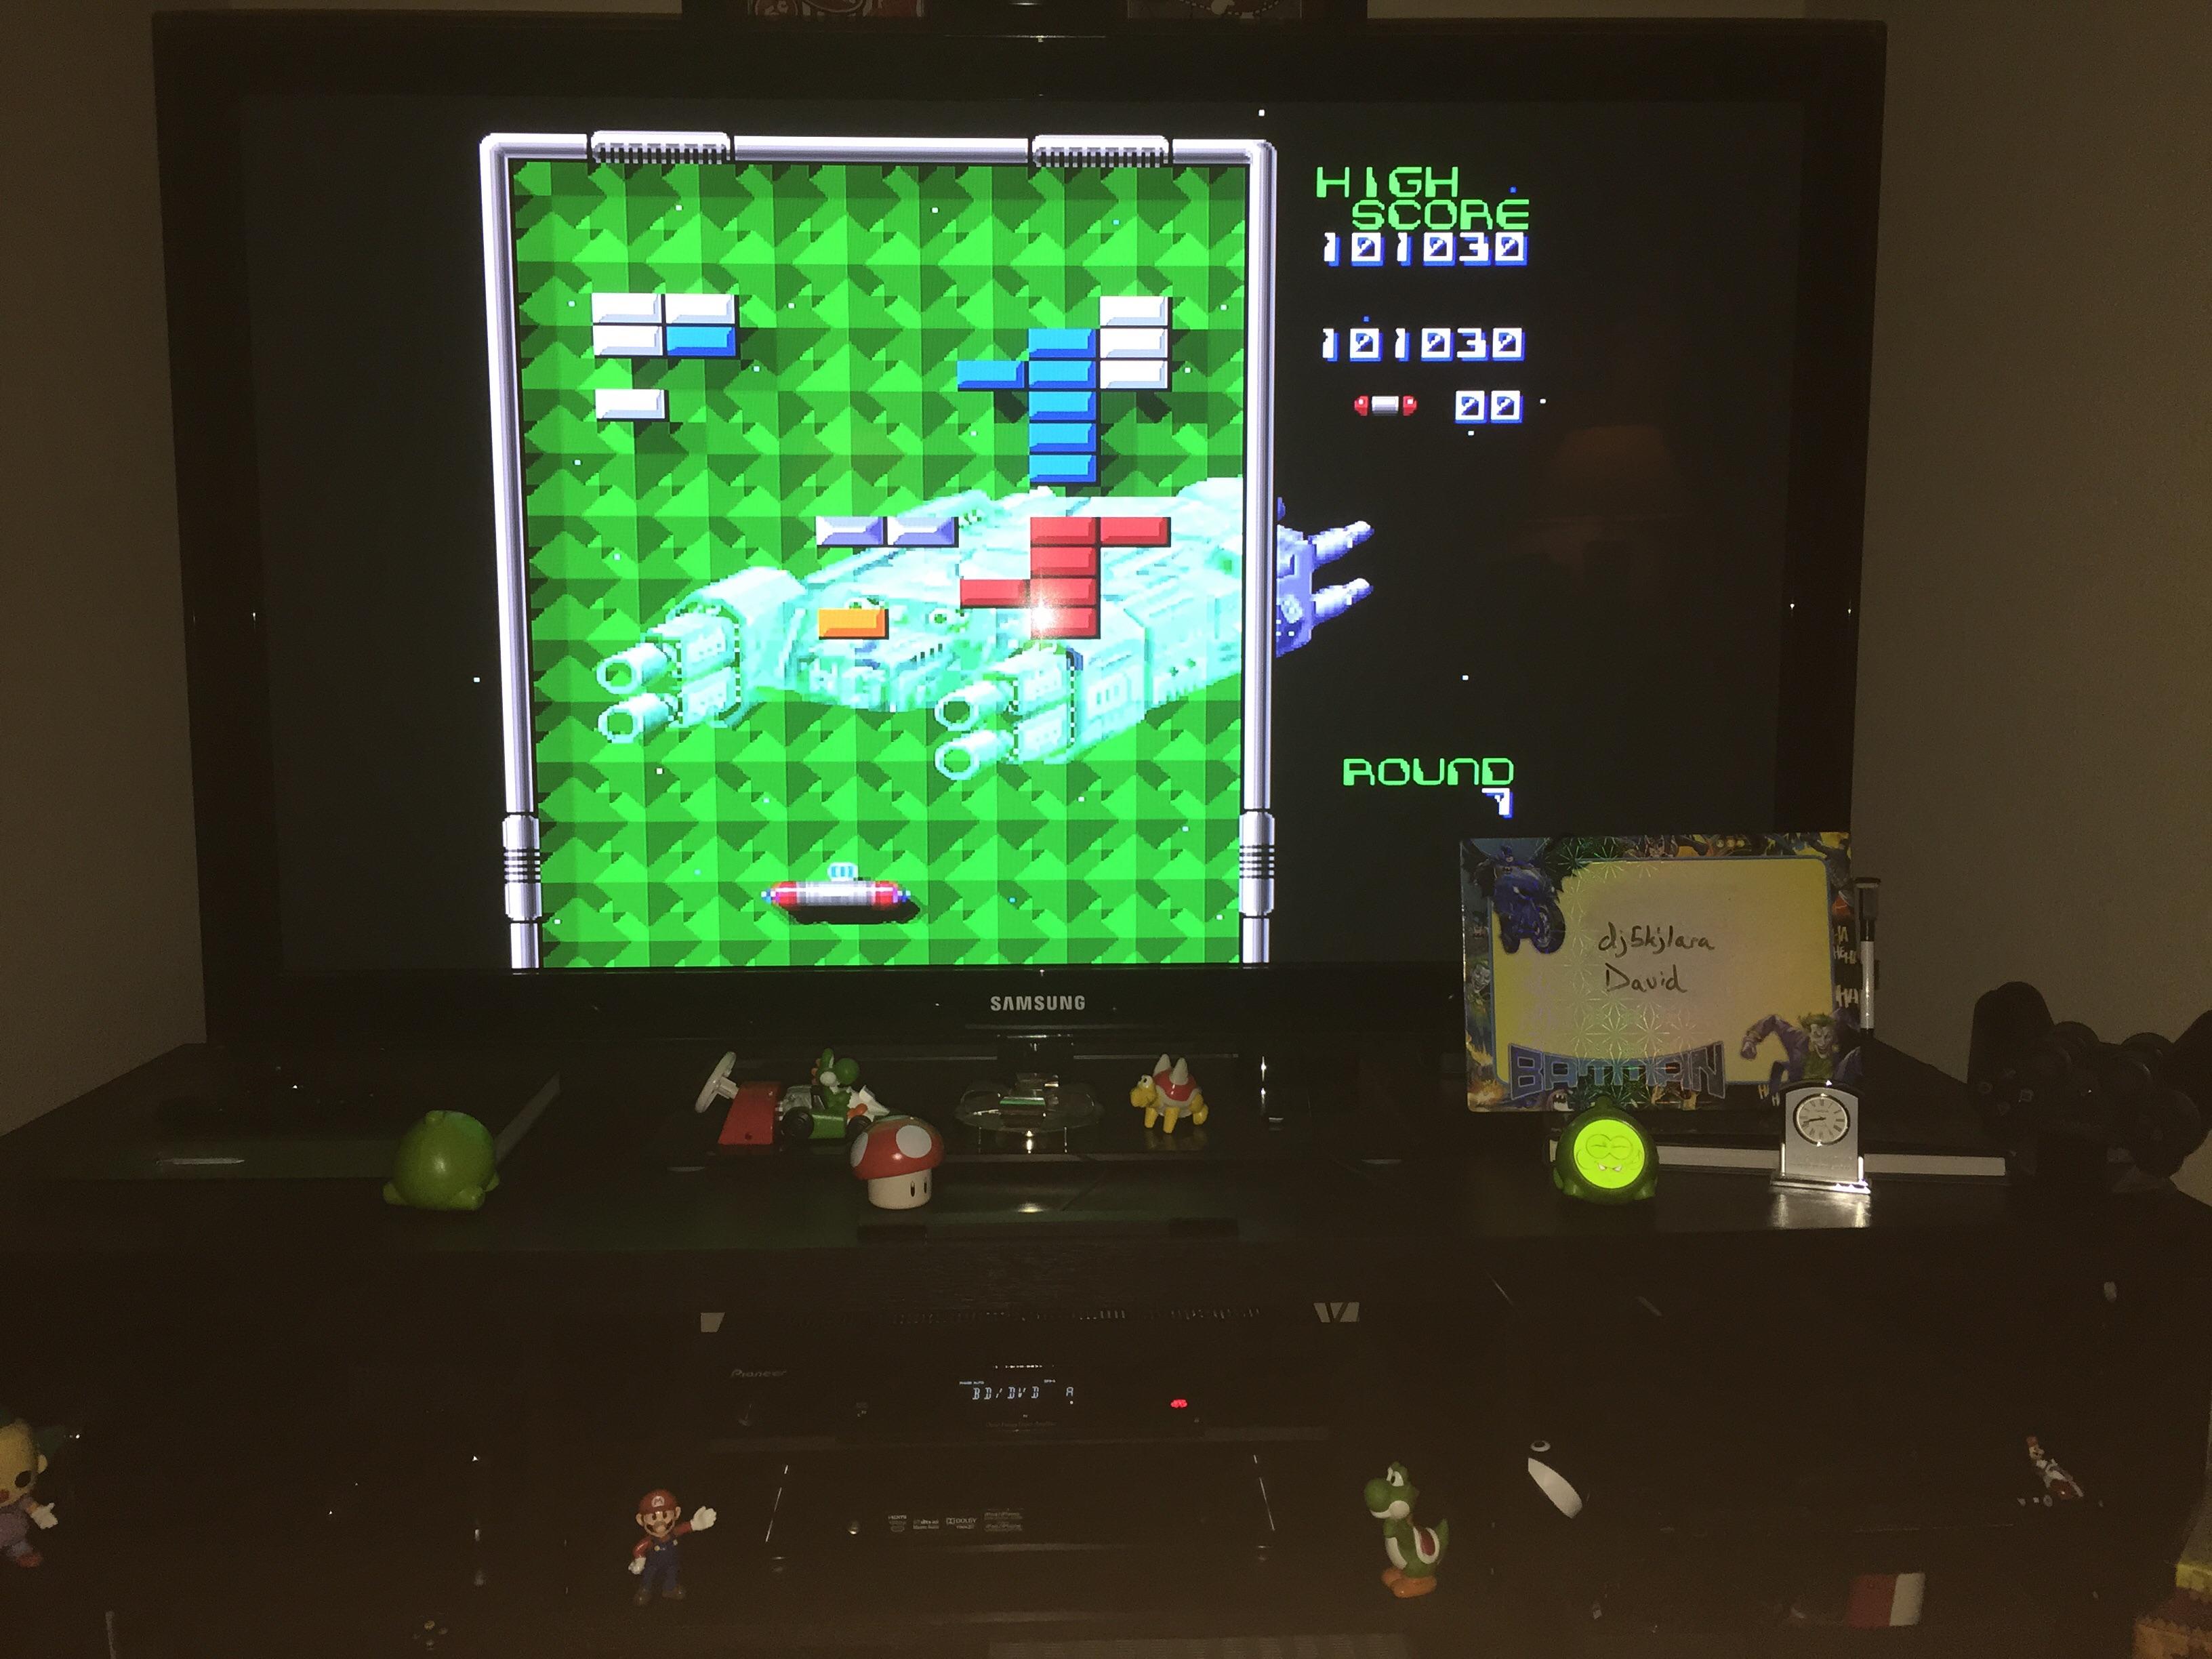 dj5kjlara: Arkanoid: Doh It Again (SNES/Super Famicom Emulated) 101,030 points on 2014-10-25 22:51:55